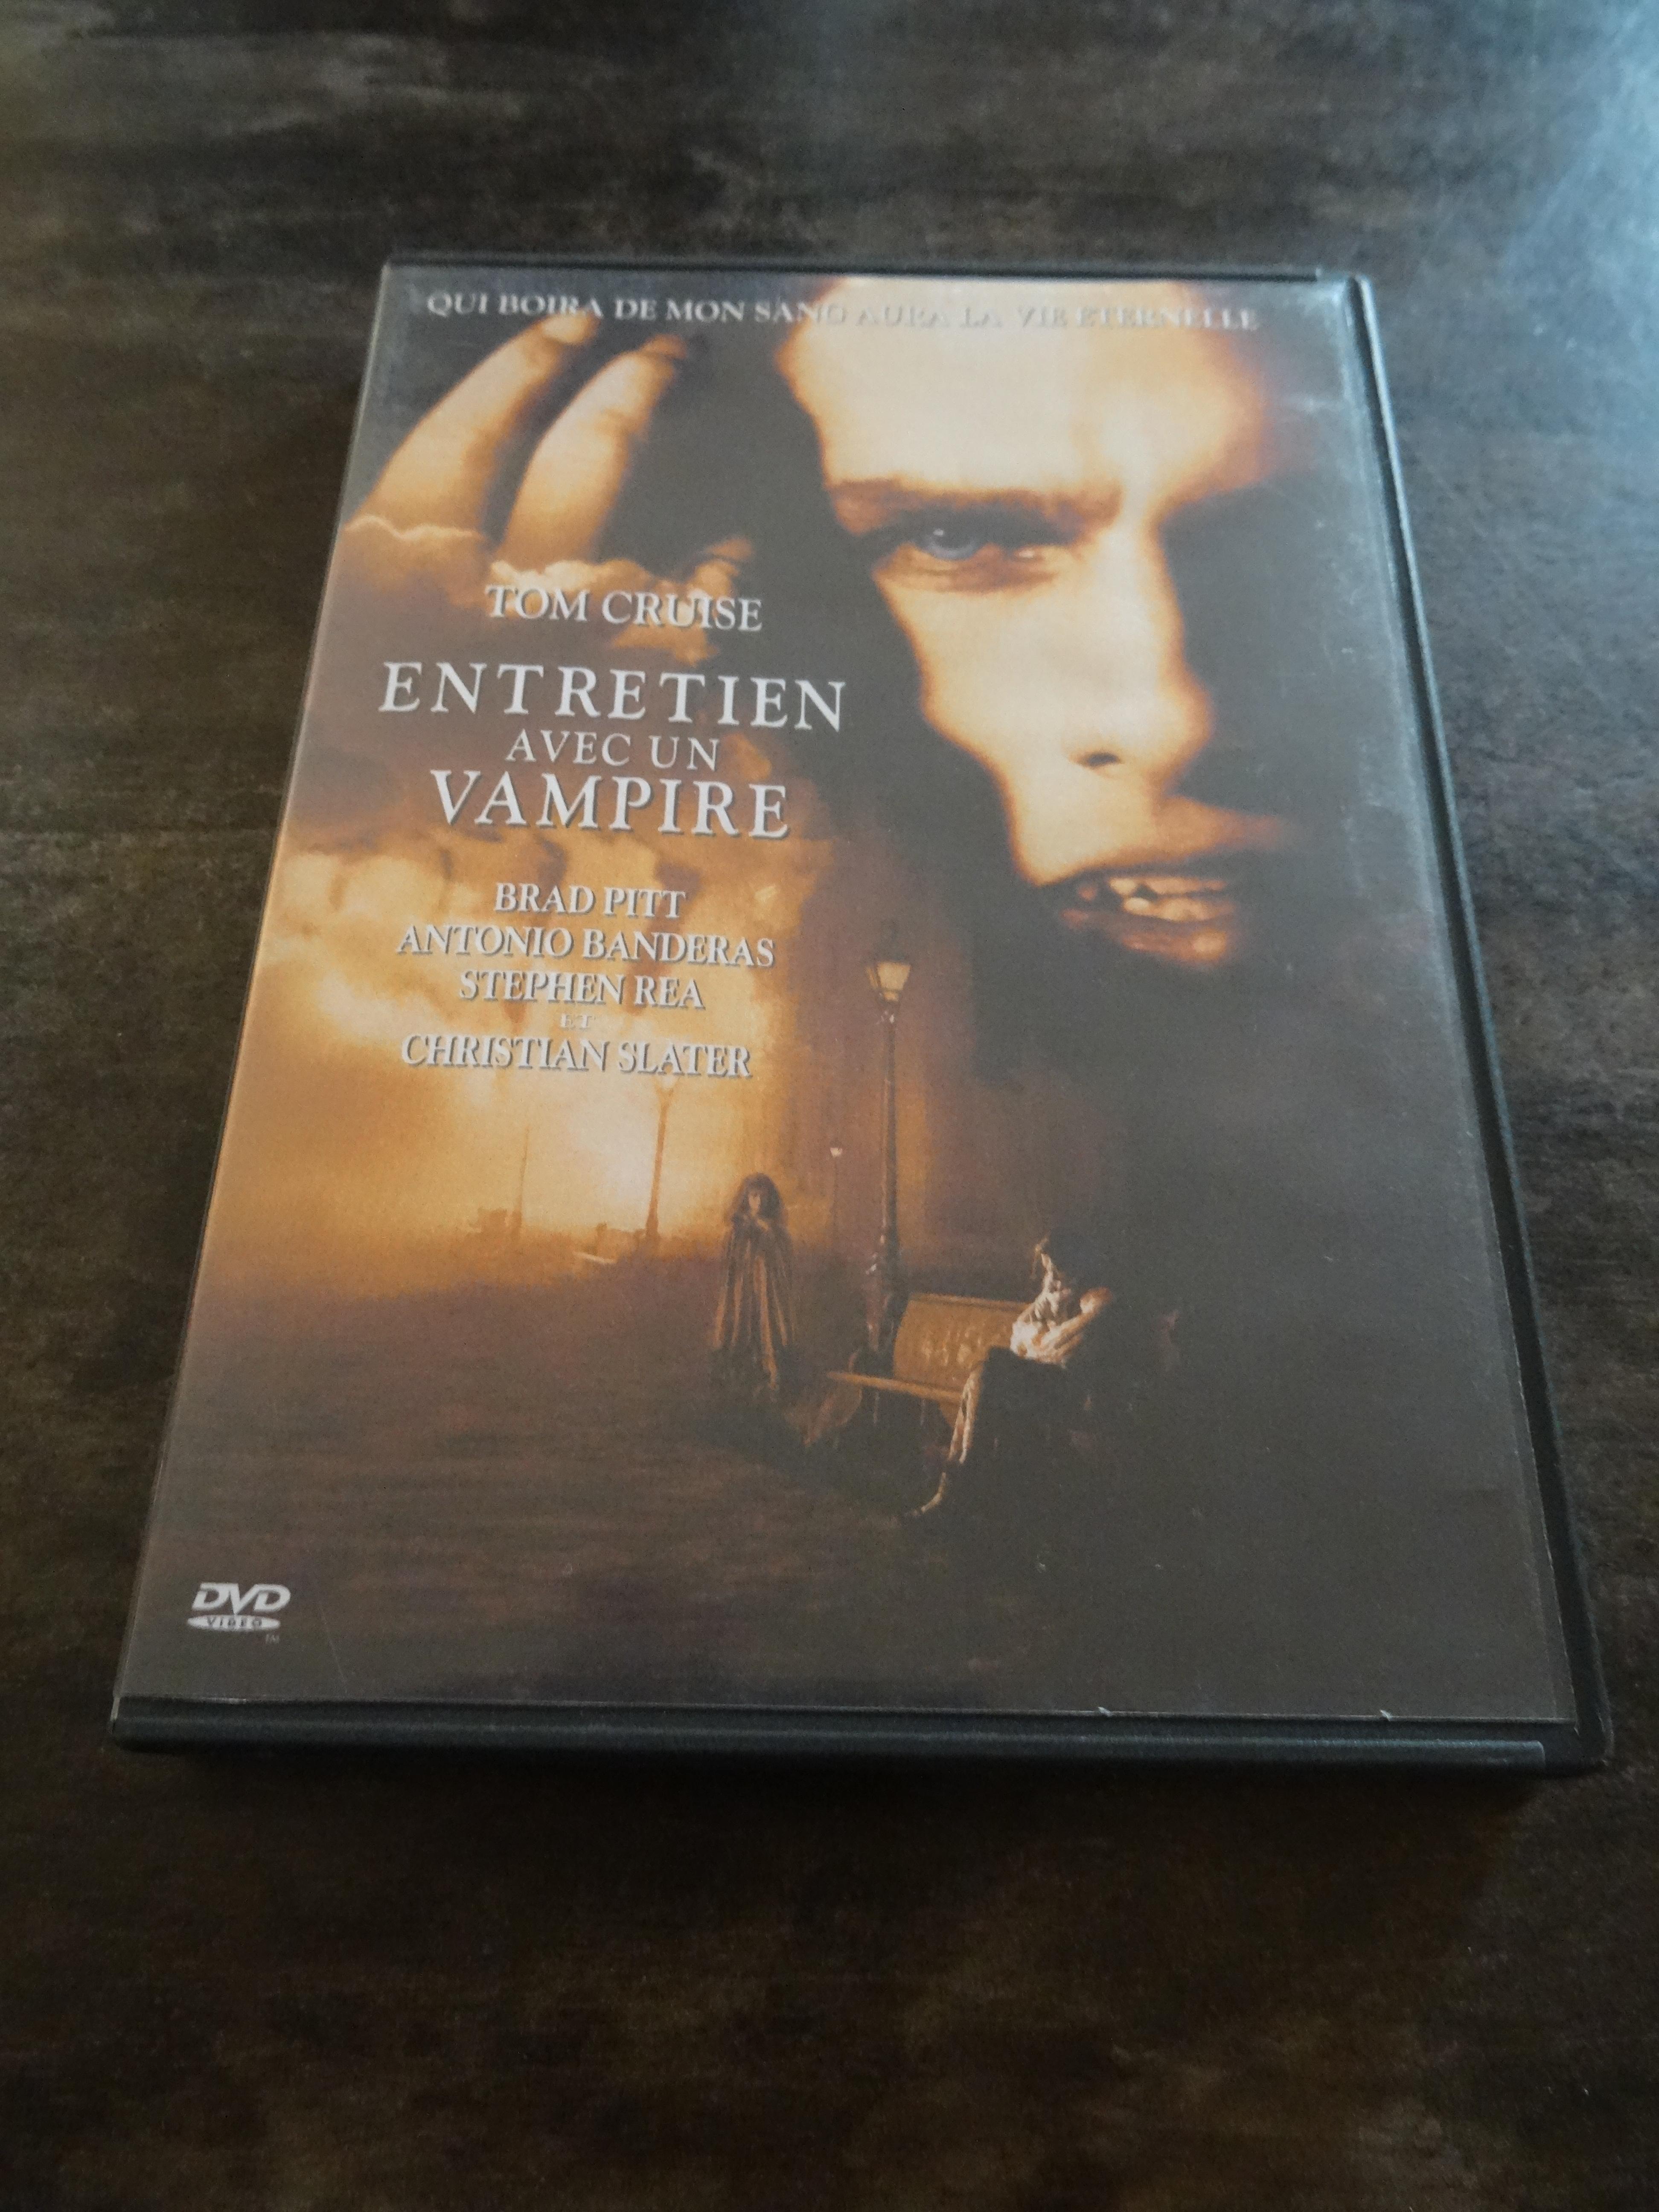 troc de troc dvd gravé - entretien avec un vampire image 0